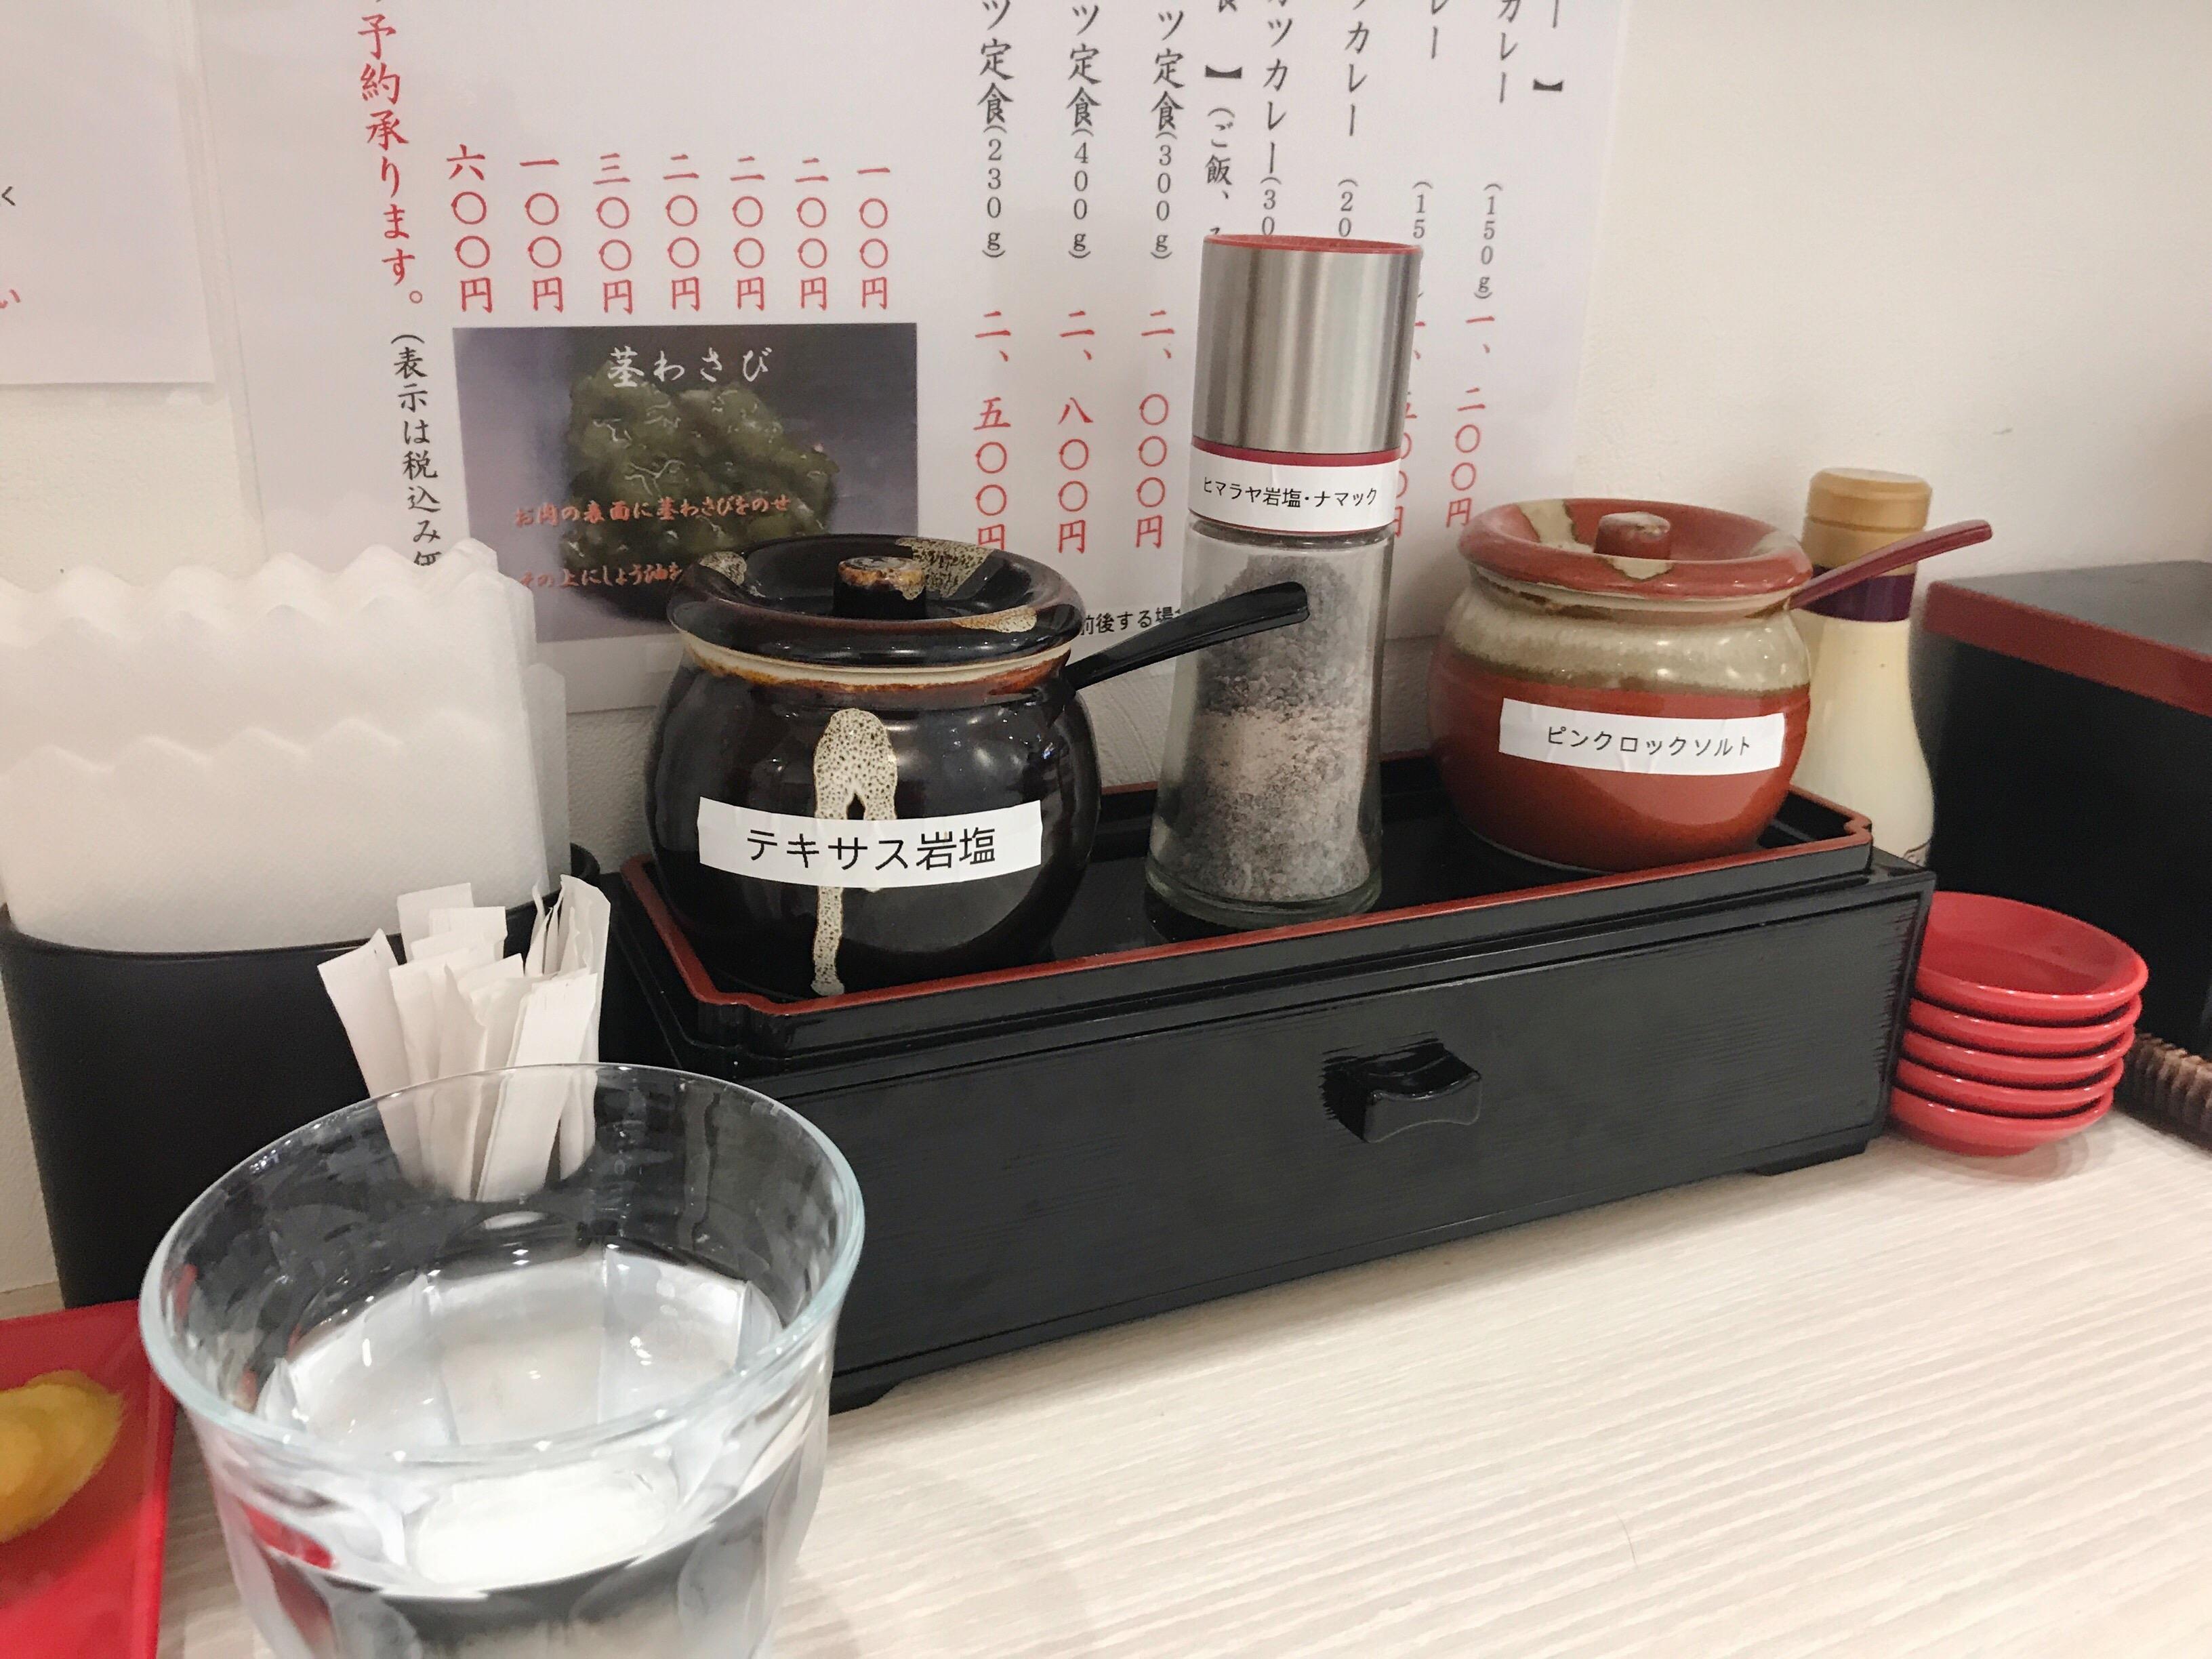 とんかつ檍のカレー屋いっぺこっぺ飯田橋店の塩